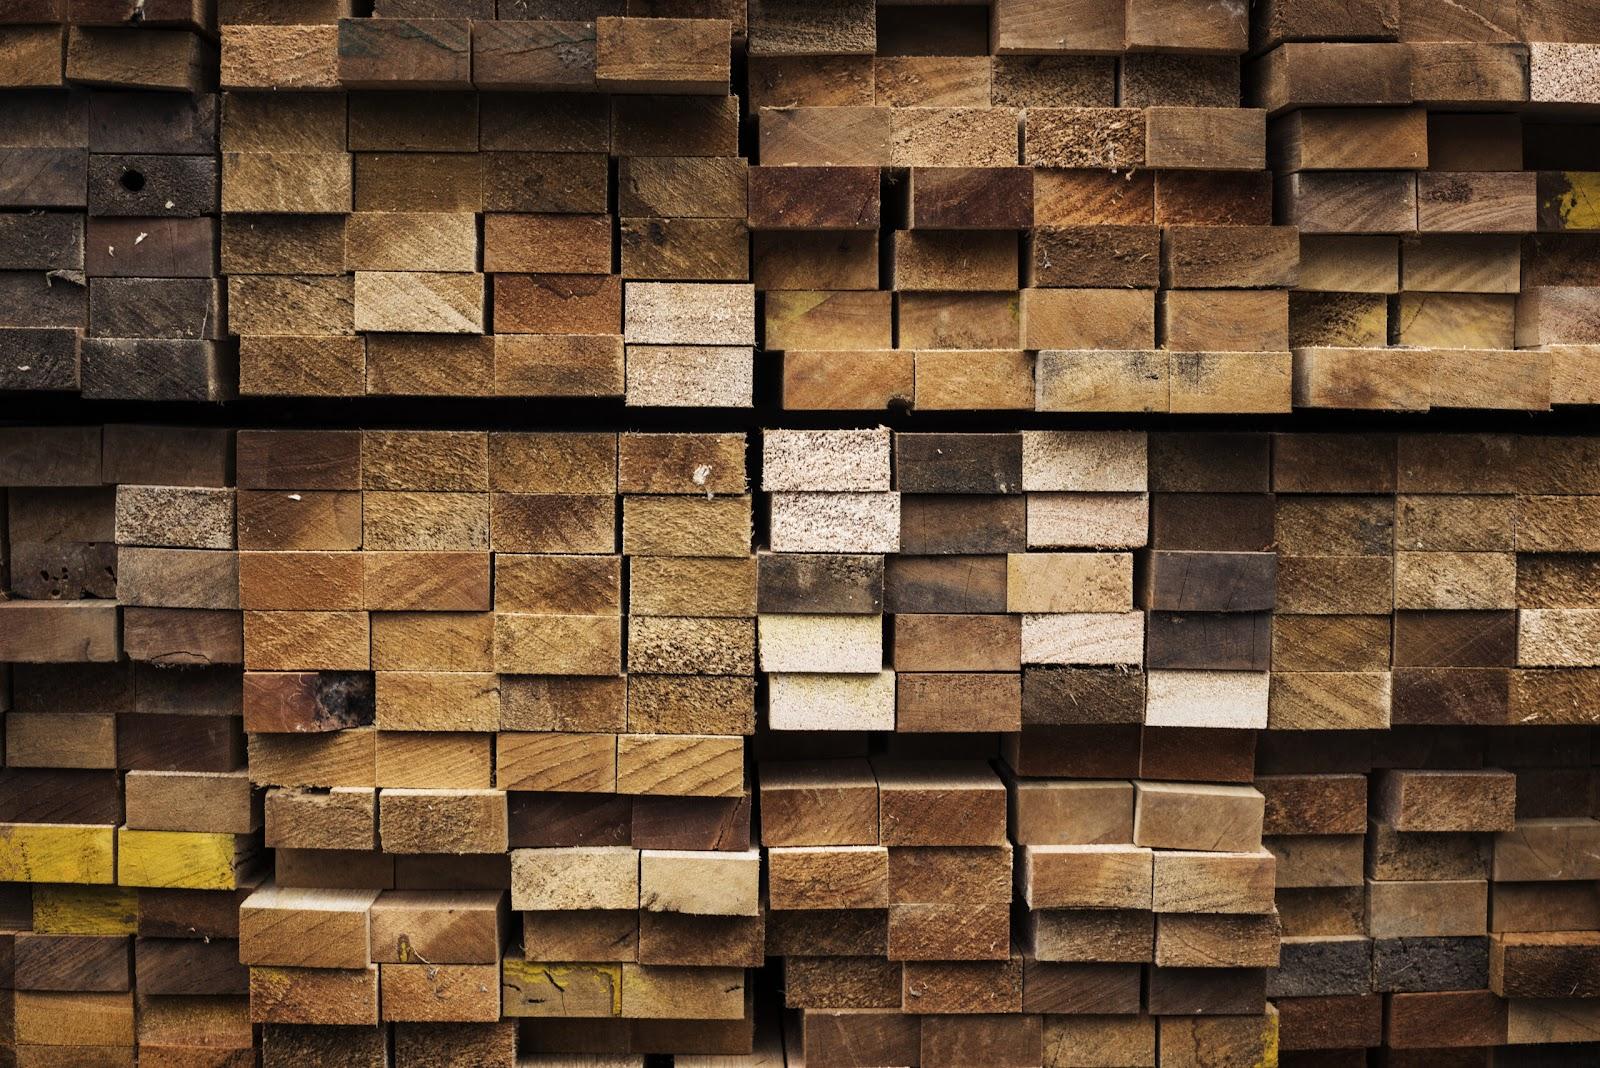 ไม้จ๊อย คือ ไม้ที่มีการนำมาต่อกันให้ยาว ไม้ท่อนจ๊อย